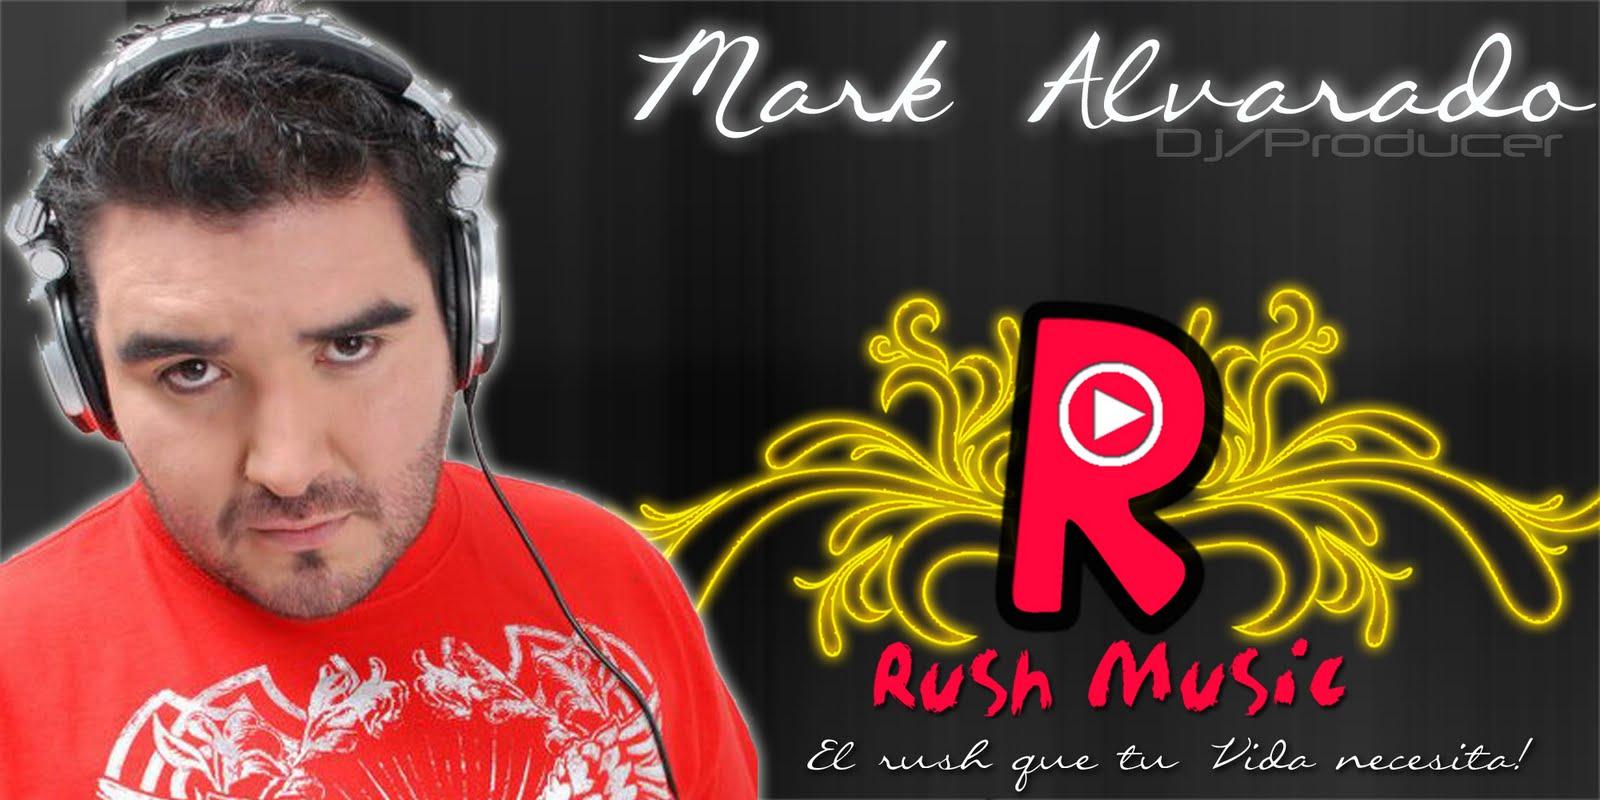 http://4.bp.blogspot.com/-2L65LbQxK3Y/TeBHOyCjpFI/AAAAAAAAAAw/tRHwo1sUnIU/s1600/mark+alavarush.jpg